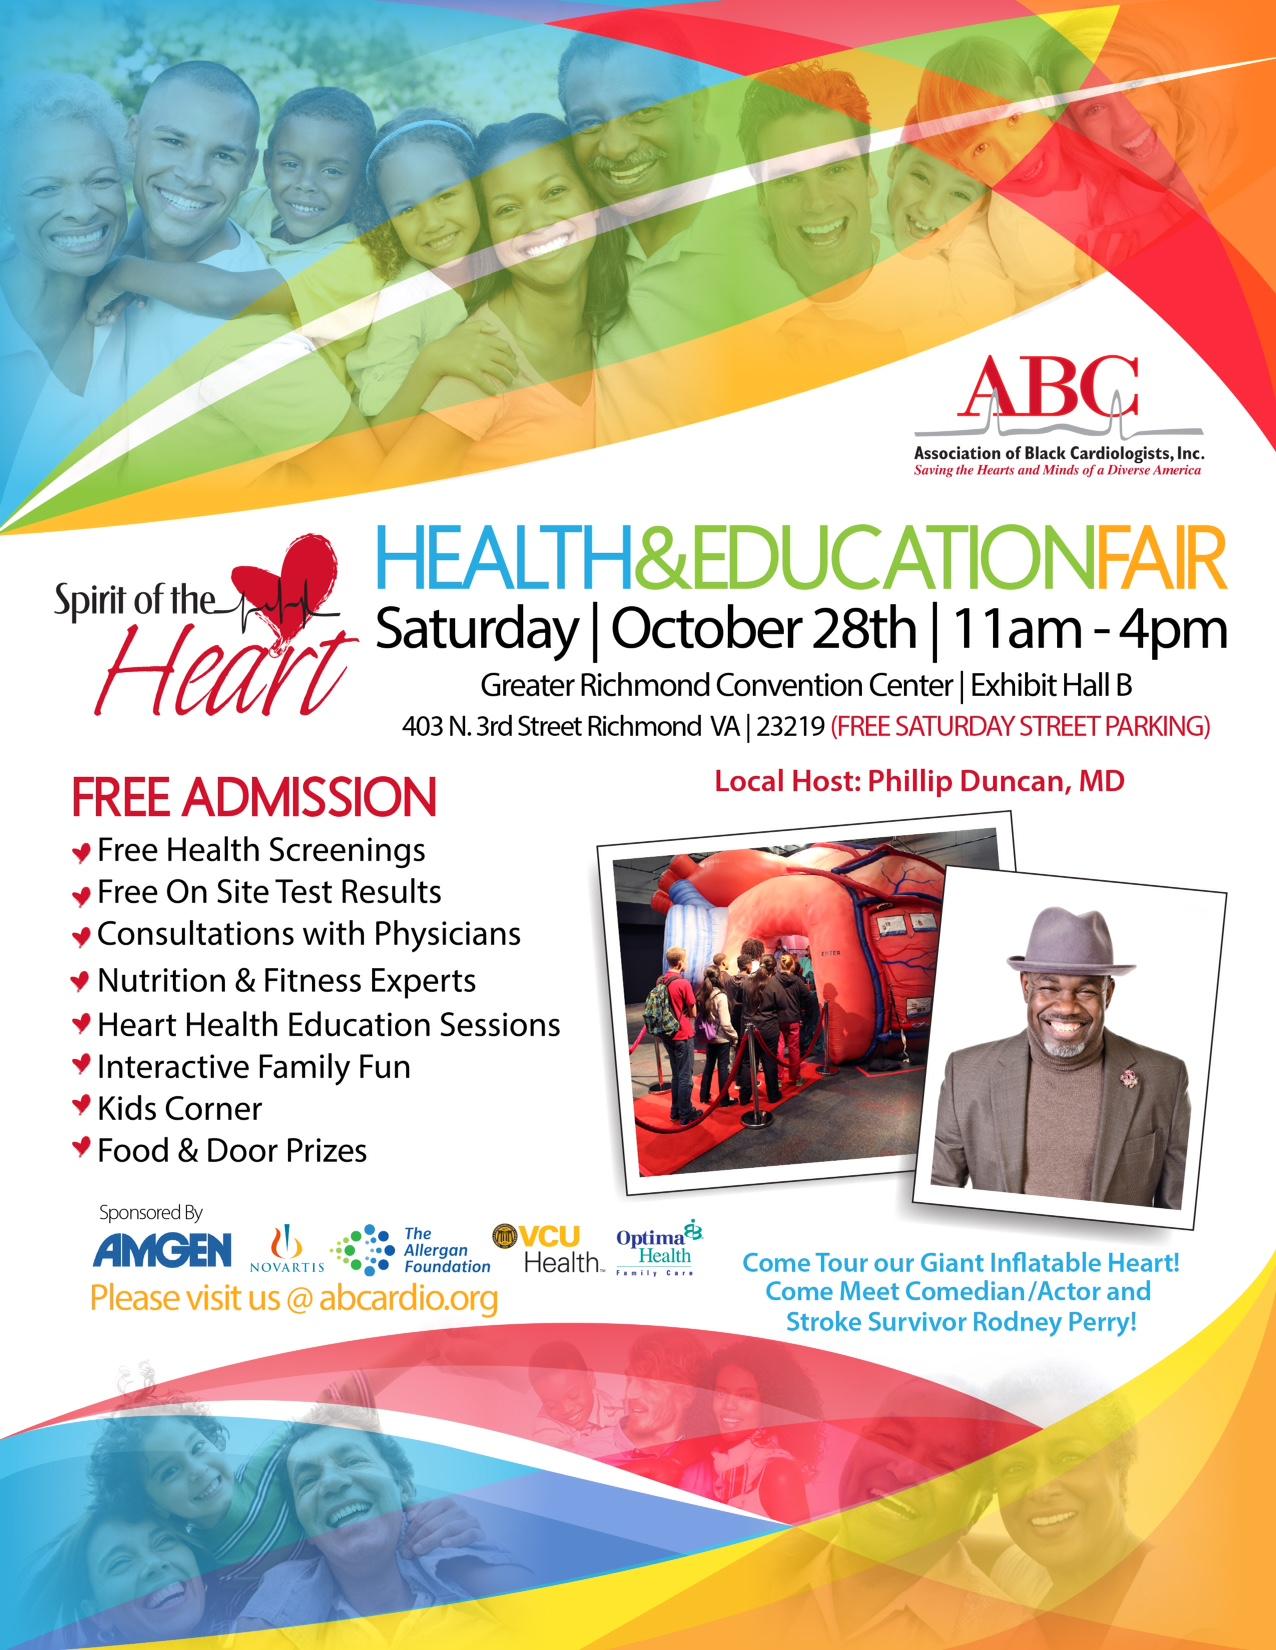 Health & Education Fair